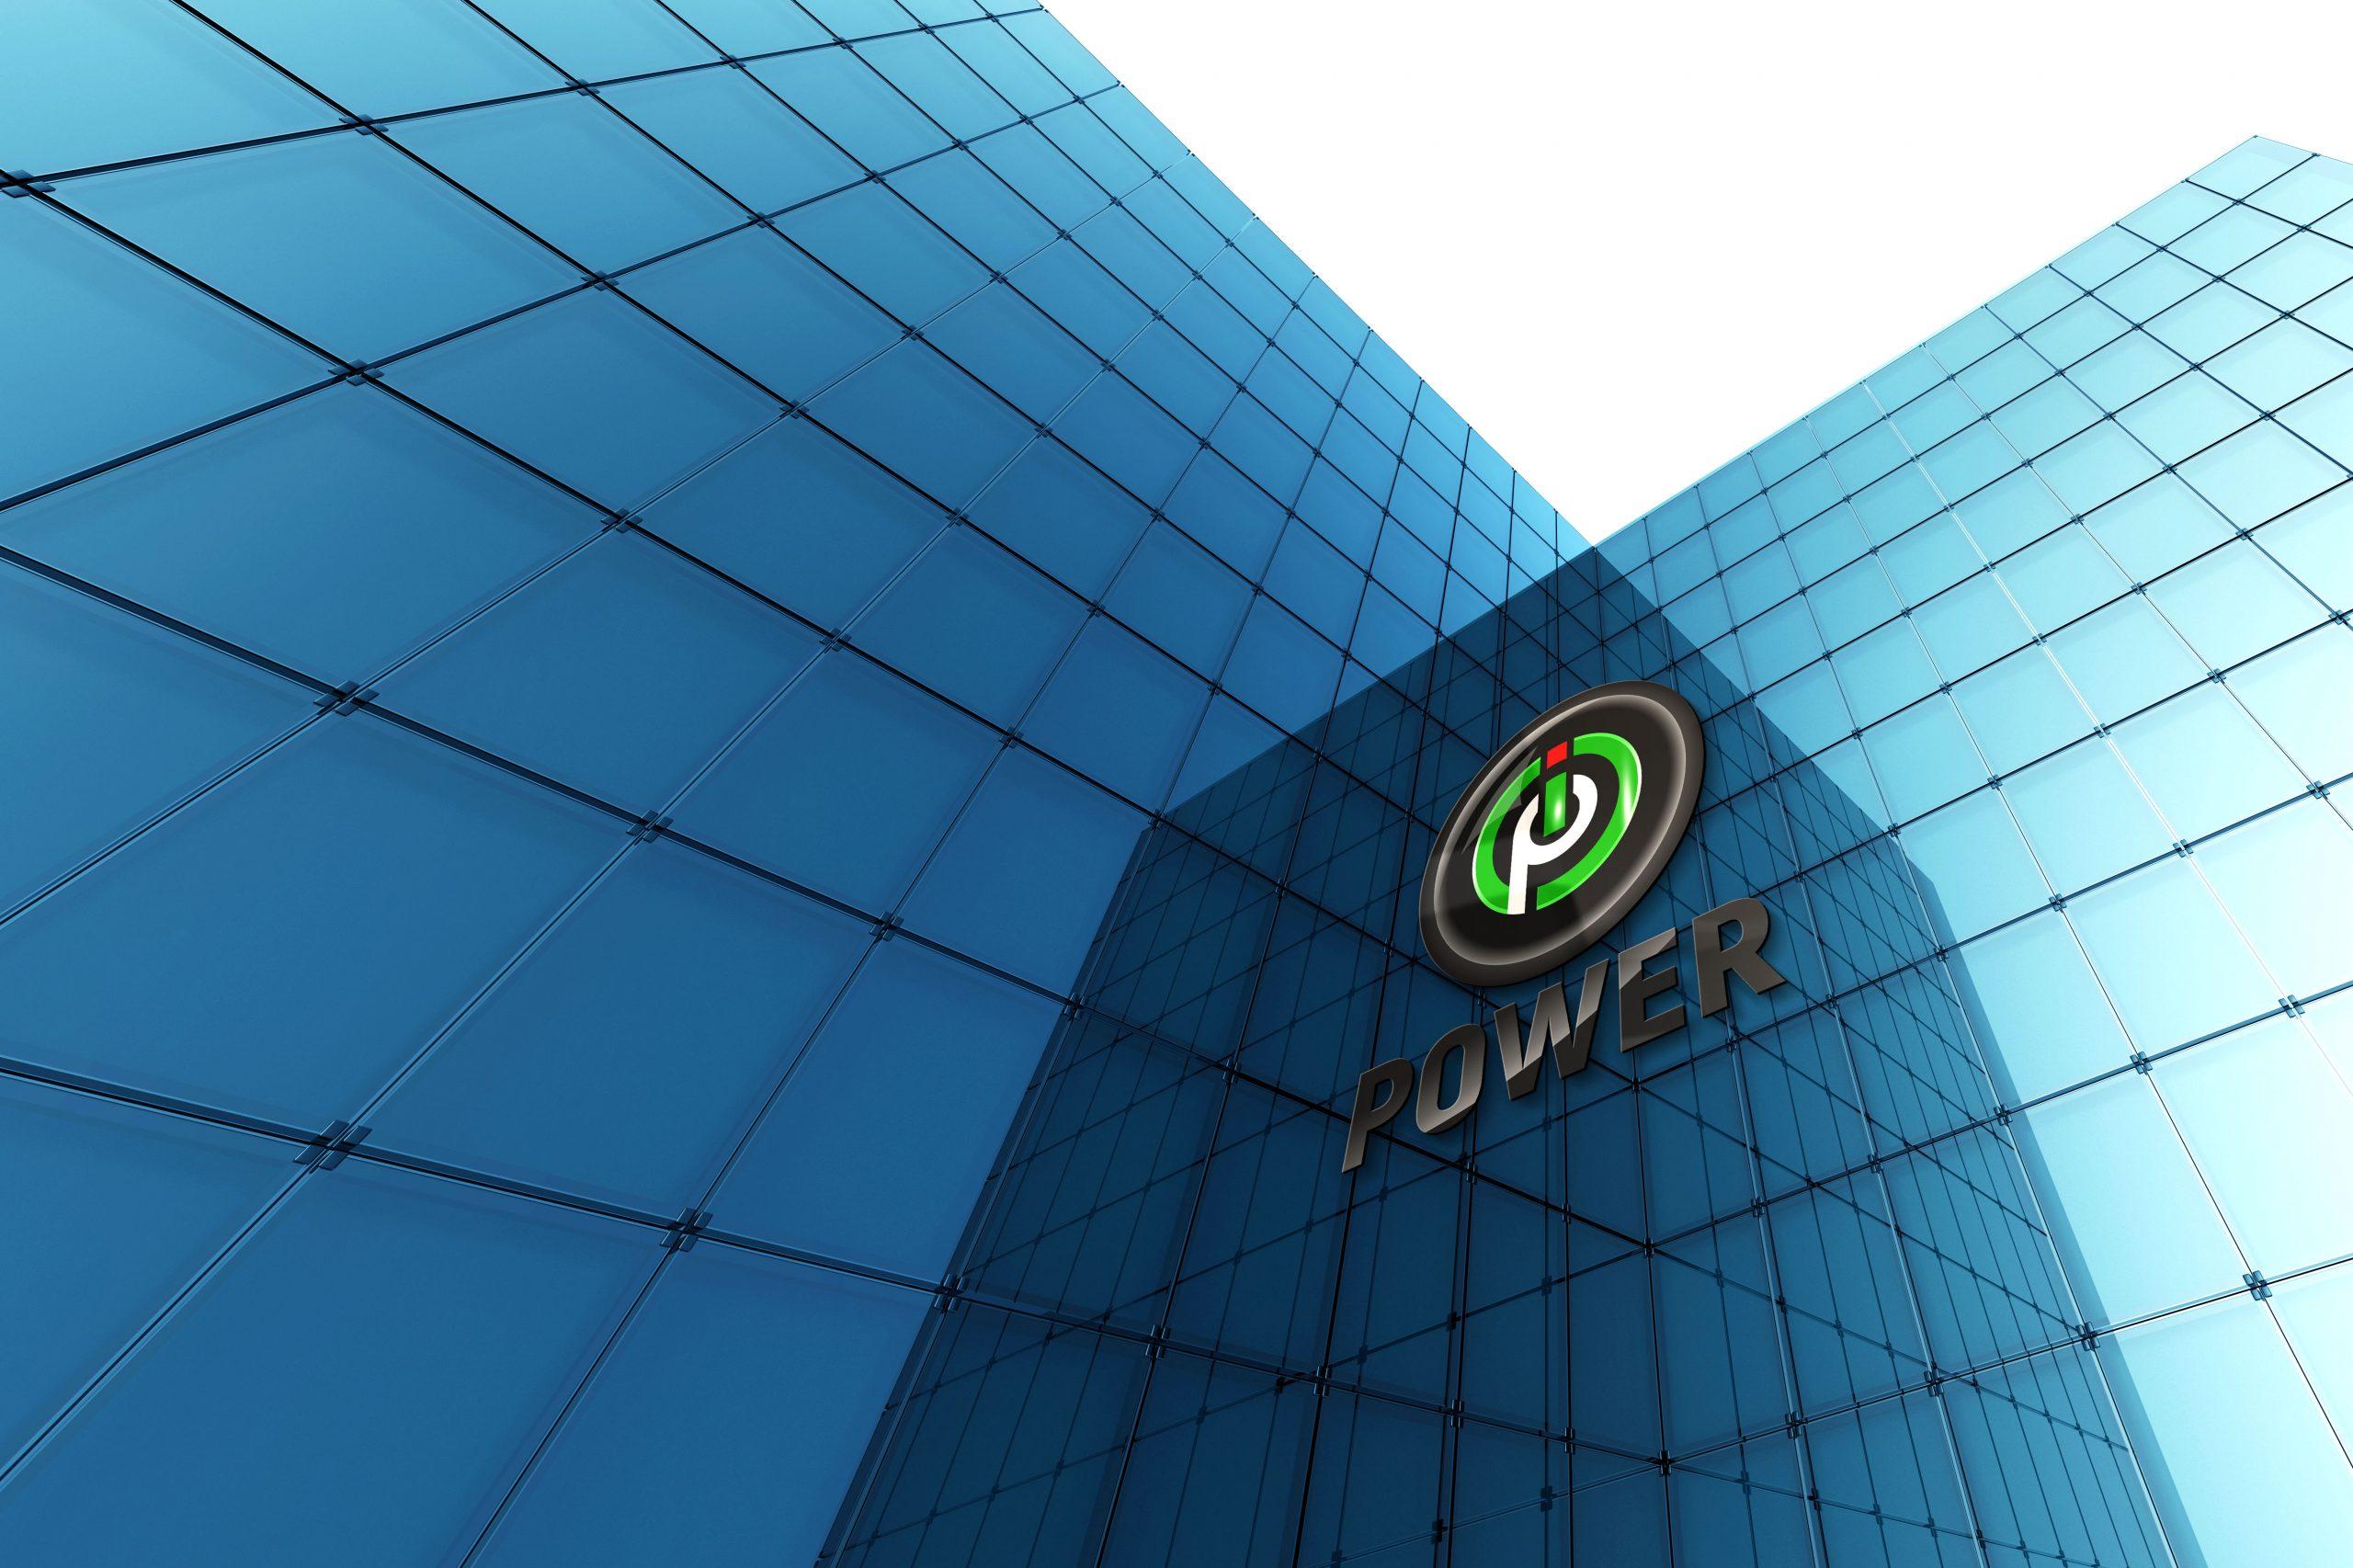 Power Logo Design Free Download